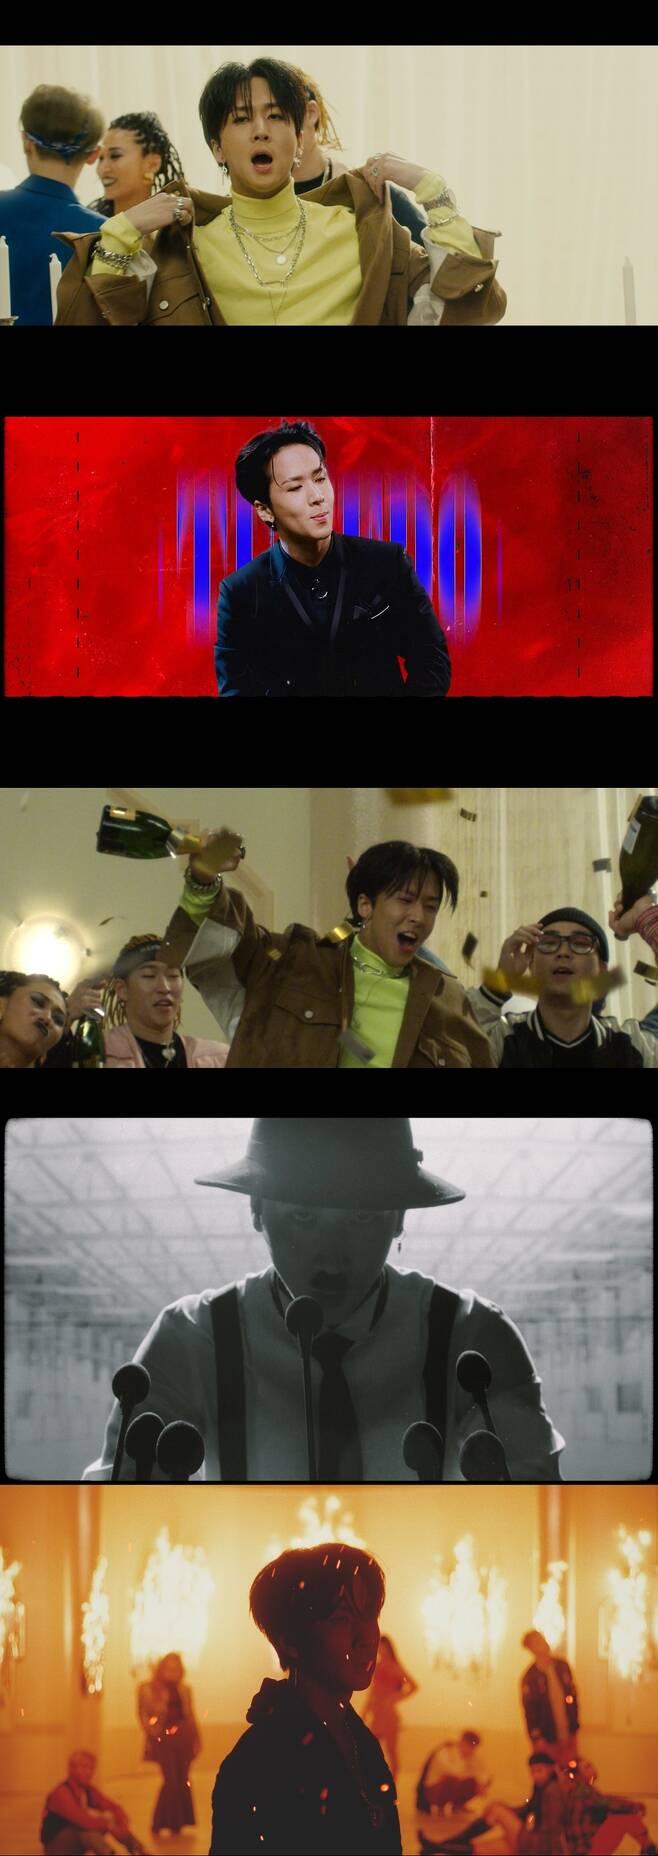 ▲ 빅스 라비의 두 번째 미니앨범 '룩북' 타이틀곡 '턱시도'가 공개됐다. 뮤직비디오 캡처